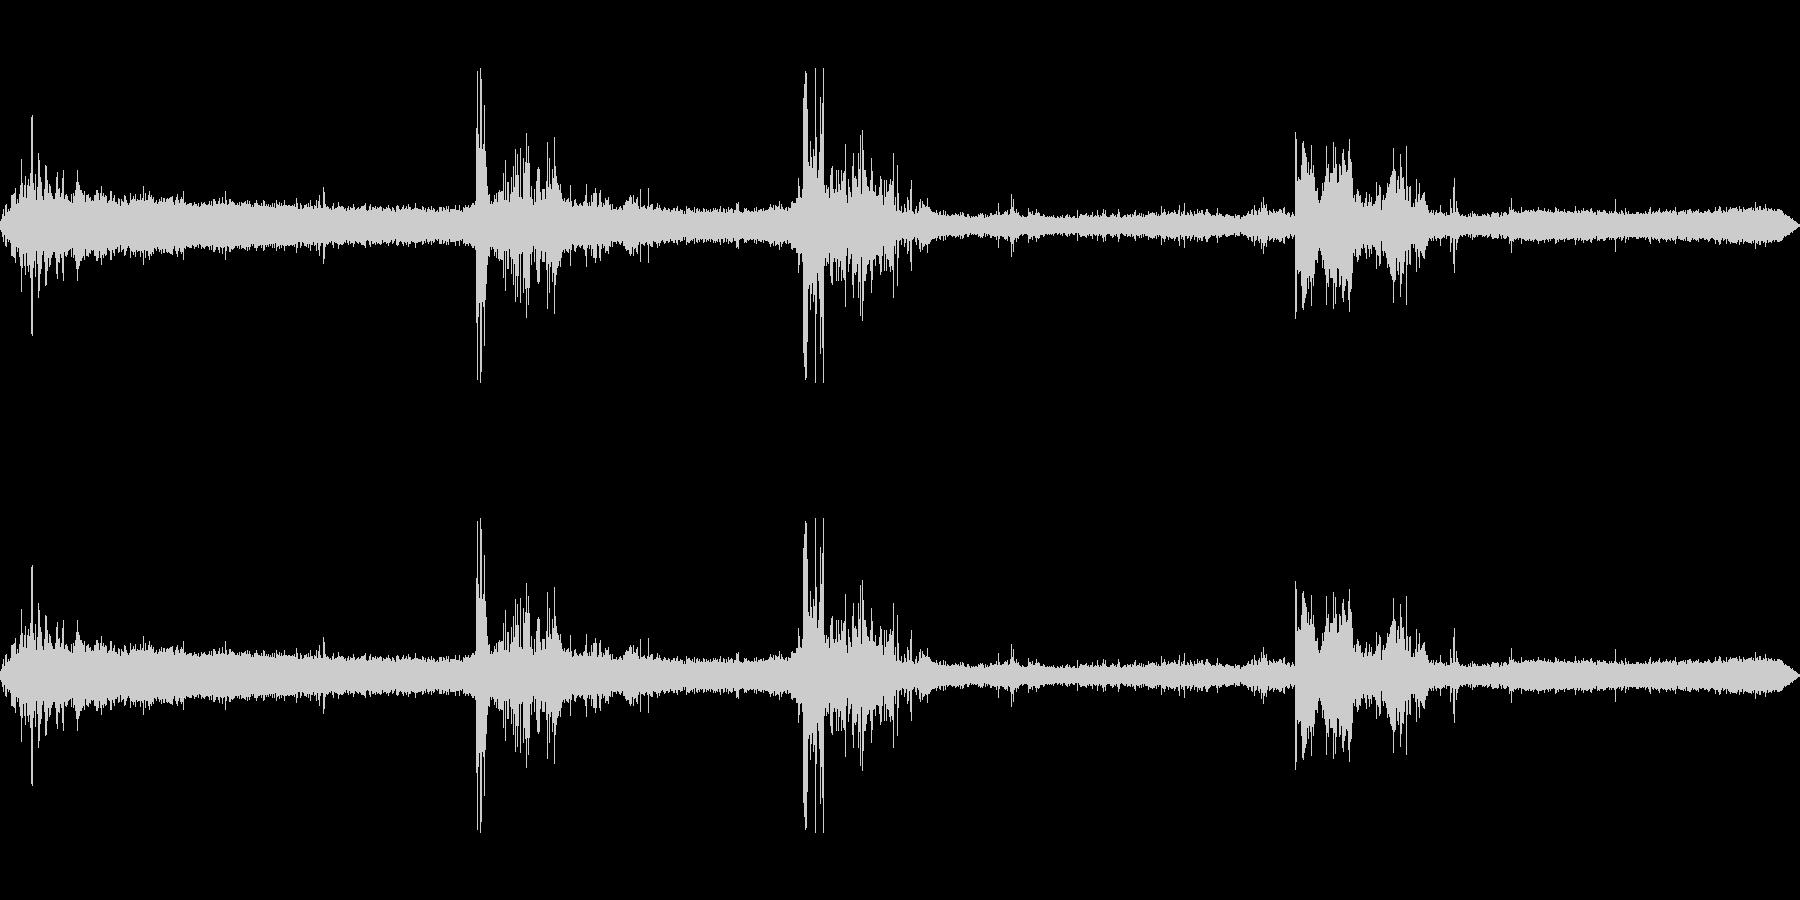 ザーザーゴロゴロの未再生の波形